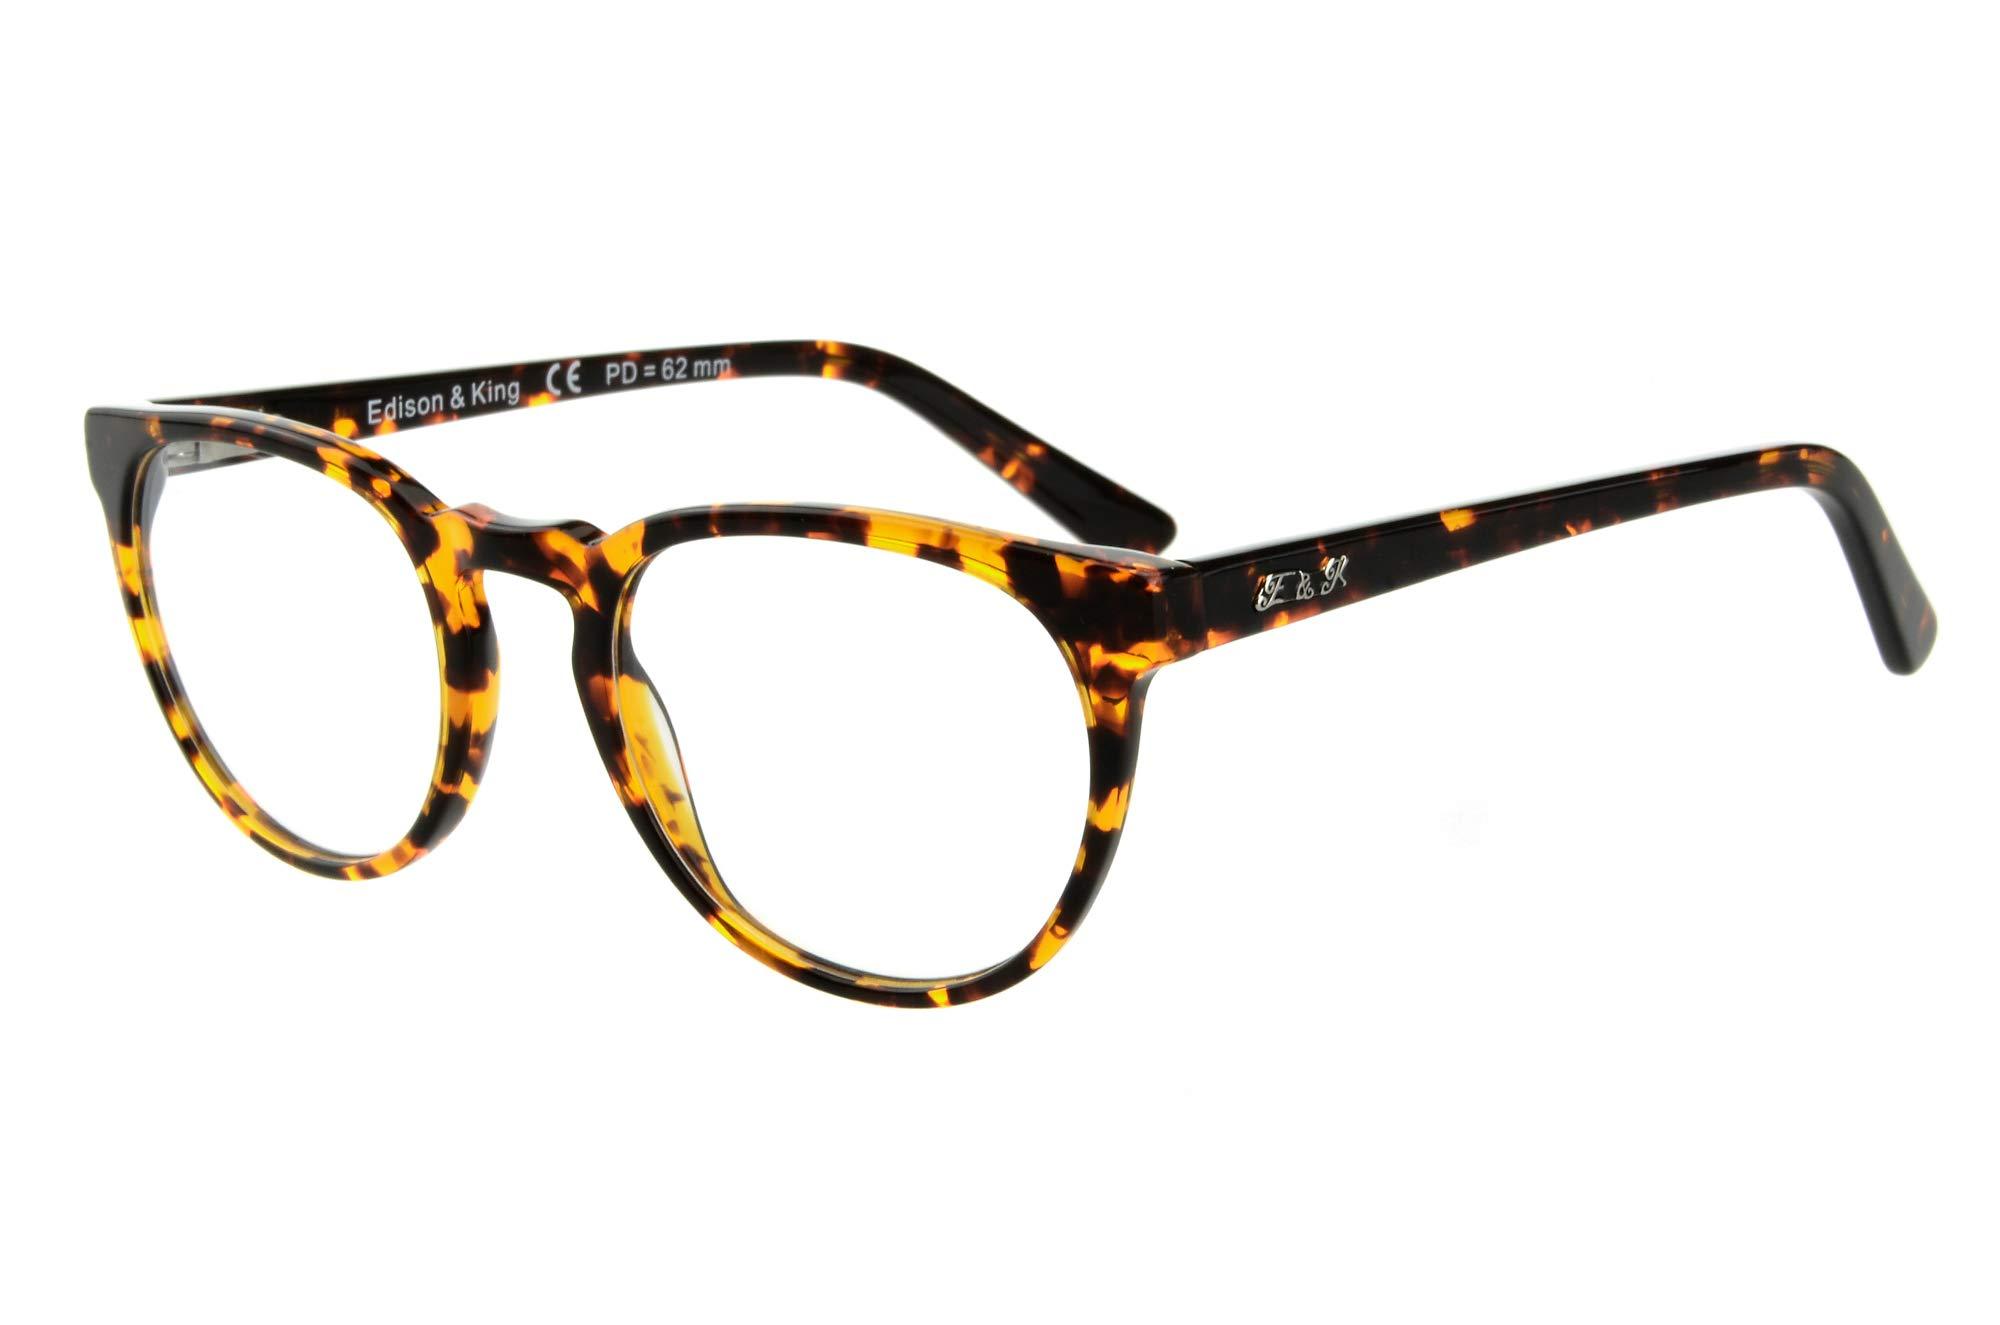 Edison & King Timeless reading glasses - retro look with premium lenses (+2.00 dpt, havana) by Edison & King